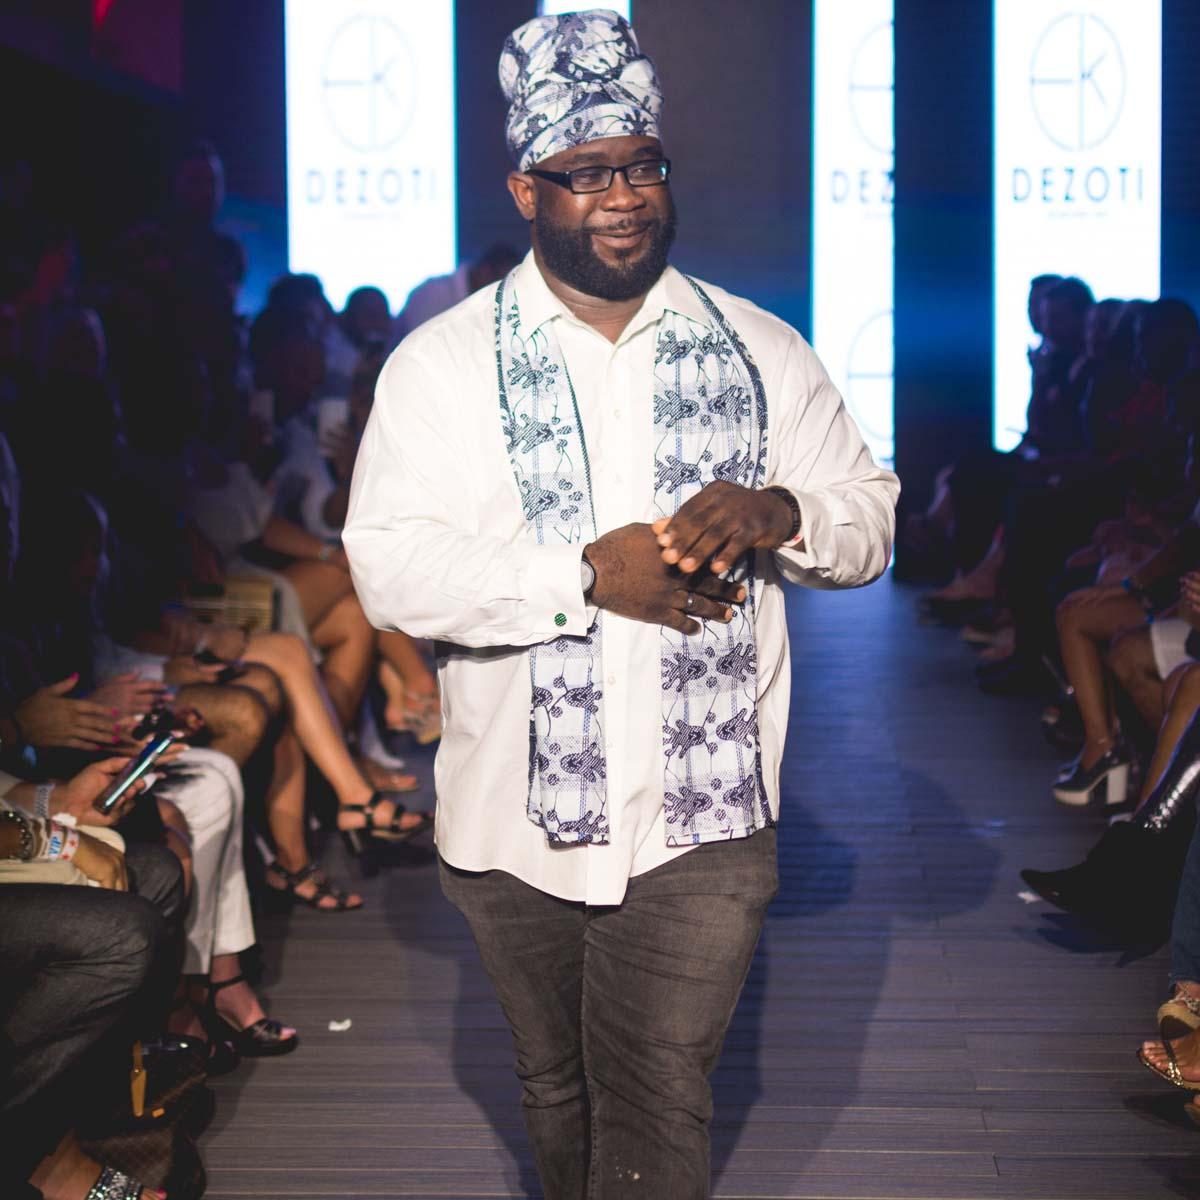 https://www.eryckdzotsi.com/wp-content/uploads/2020/03/eryck-dzotsi-fashion-mogul.jpg